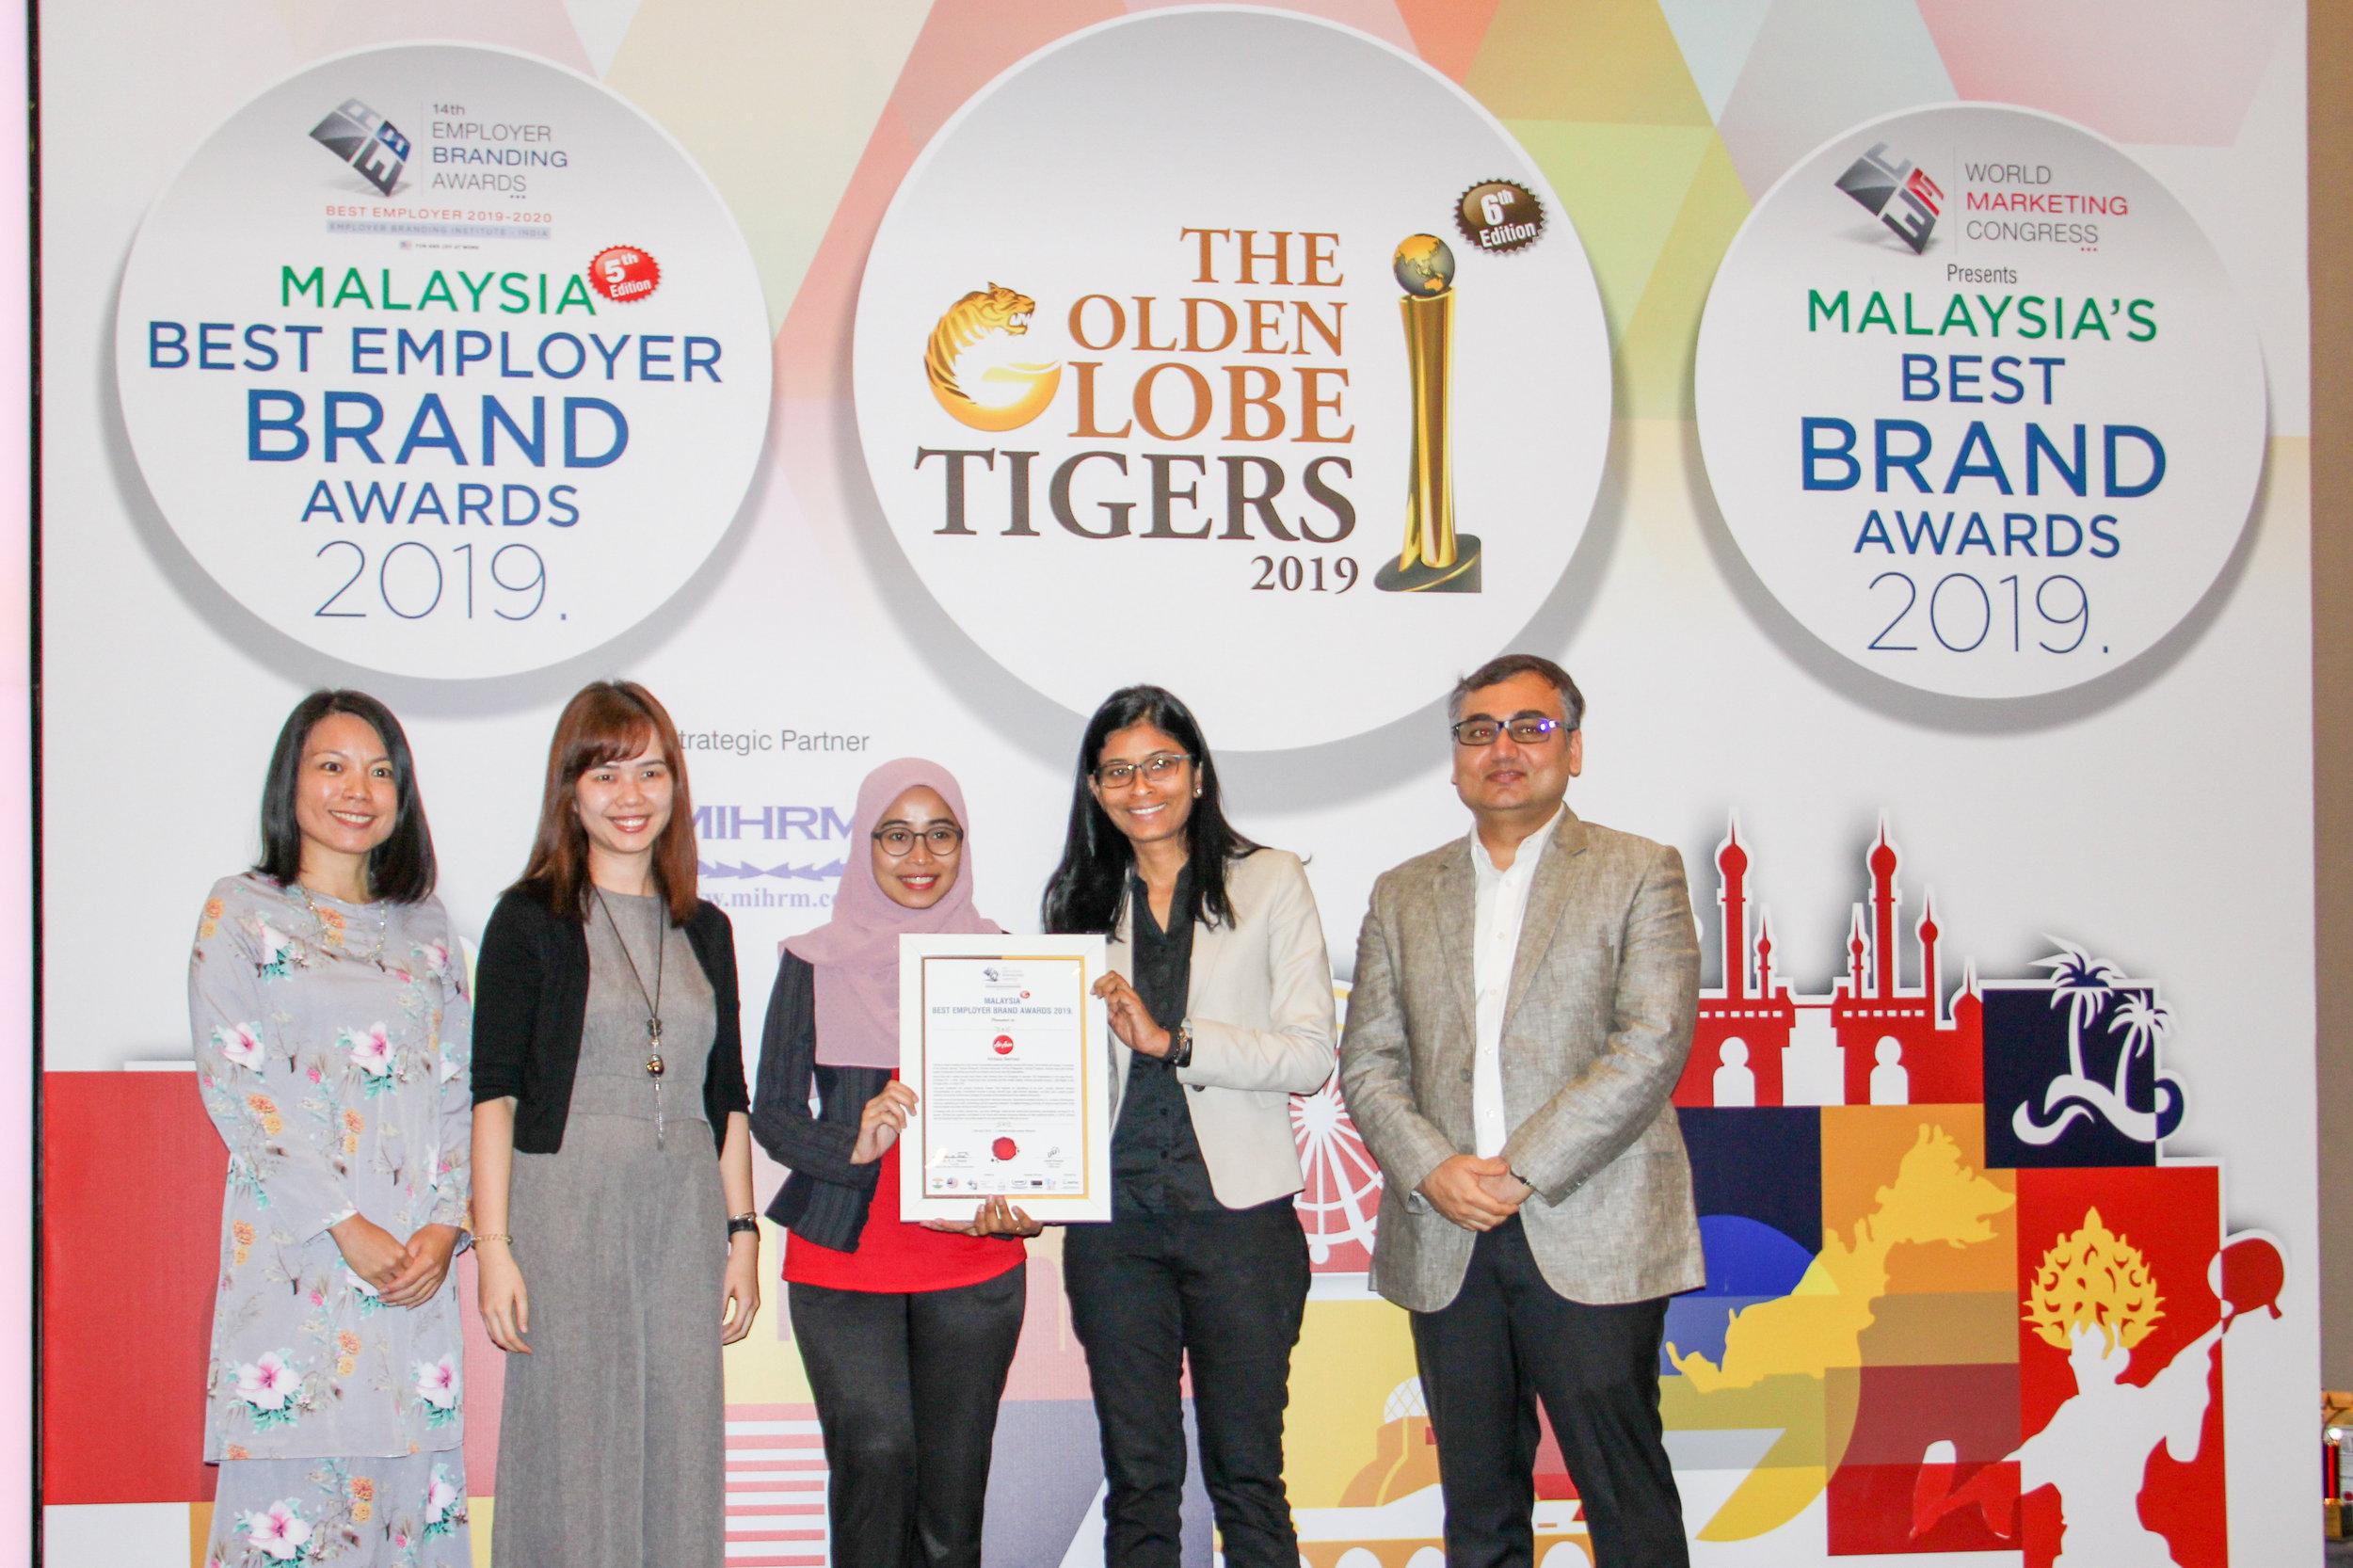 左-右 (最后第二位起):亚航人力服务经理Mandy Pui、亚航人力服务执行员Nur Farhana Ibrahim、马来西亚亚航文化部主管Renuka Kunathevan接下奖项